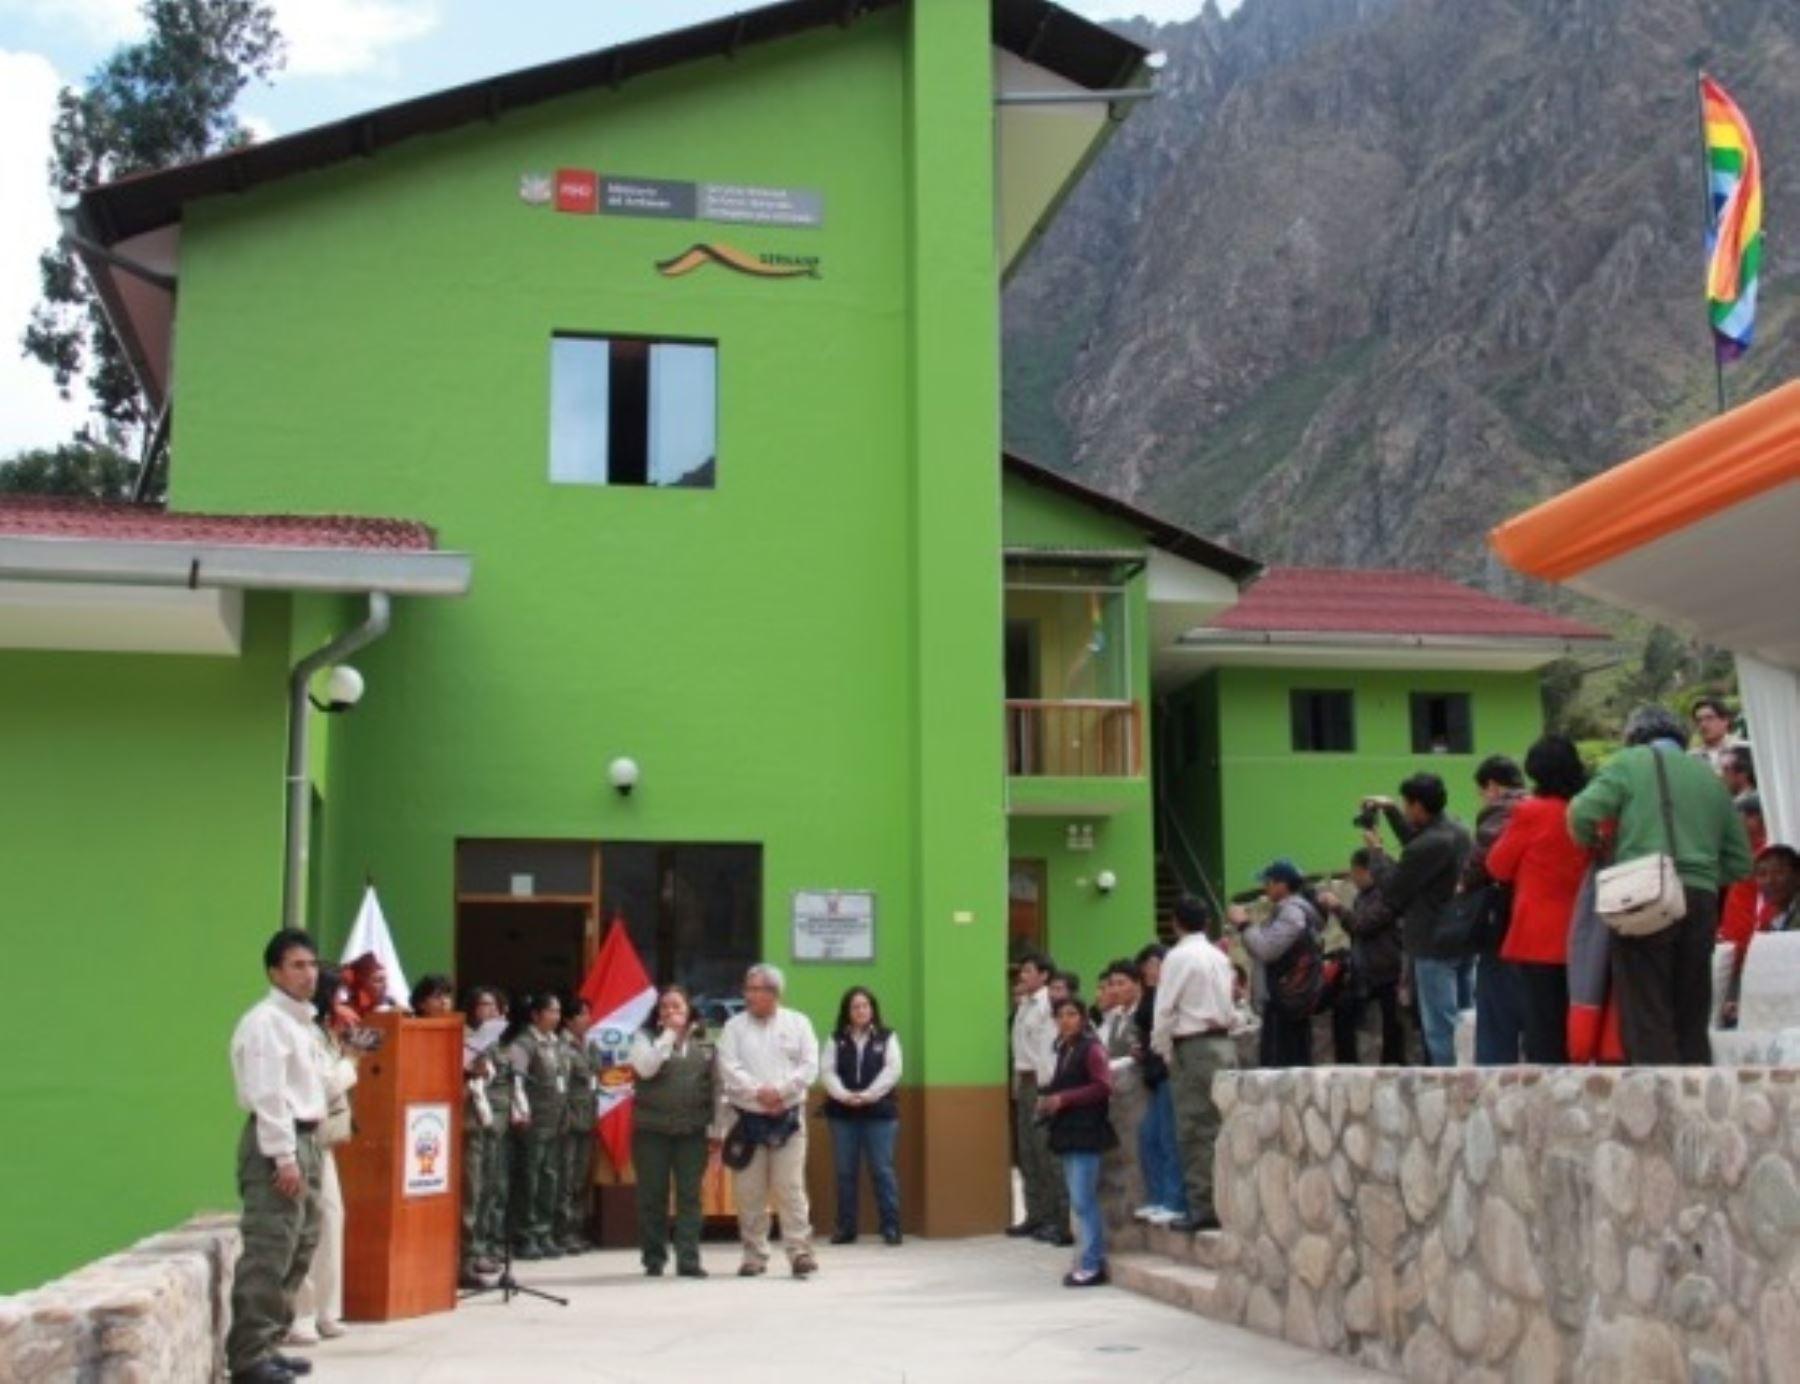 Japón donará US$ 687,400 a favor del Centro de Interpretación de Machu Picchu, ubicado en la provincia de Urubamba, en Cusco. Foto: ANDINA/difusión.